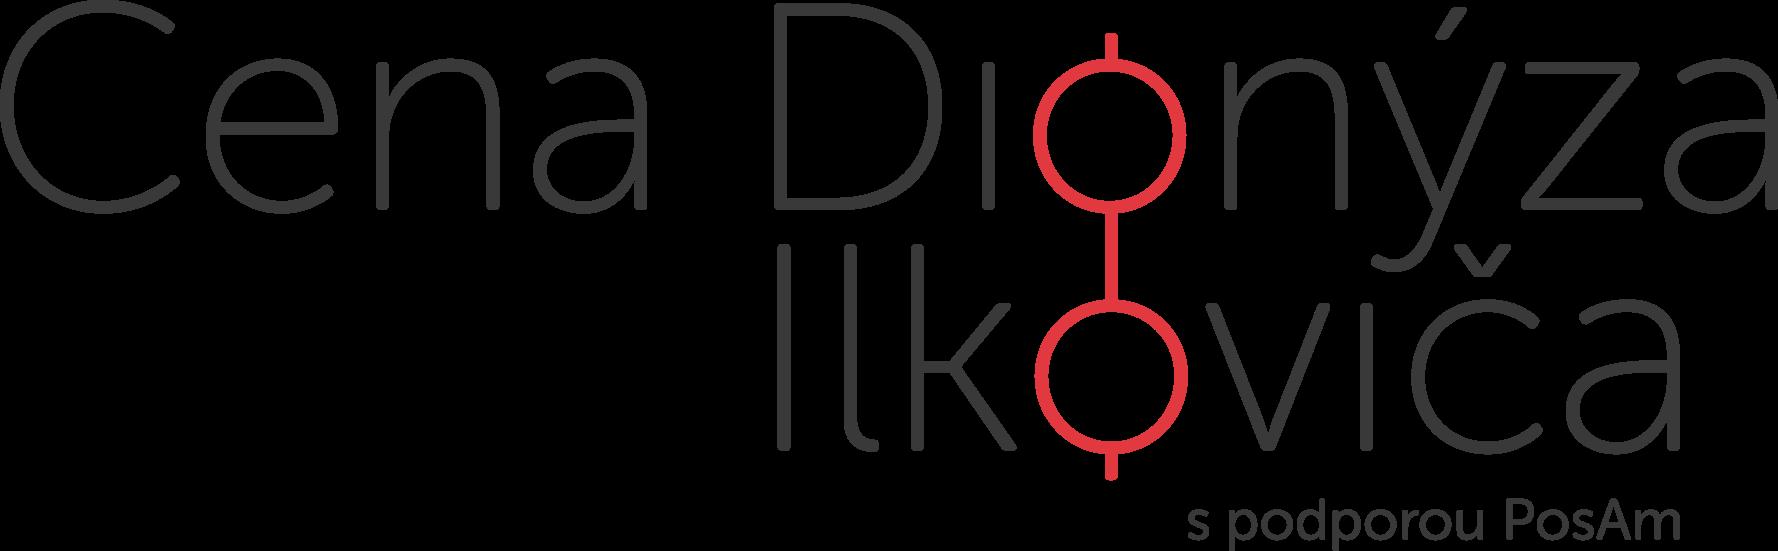 CENADI logo